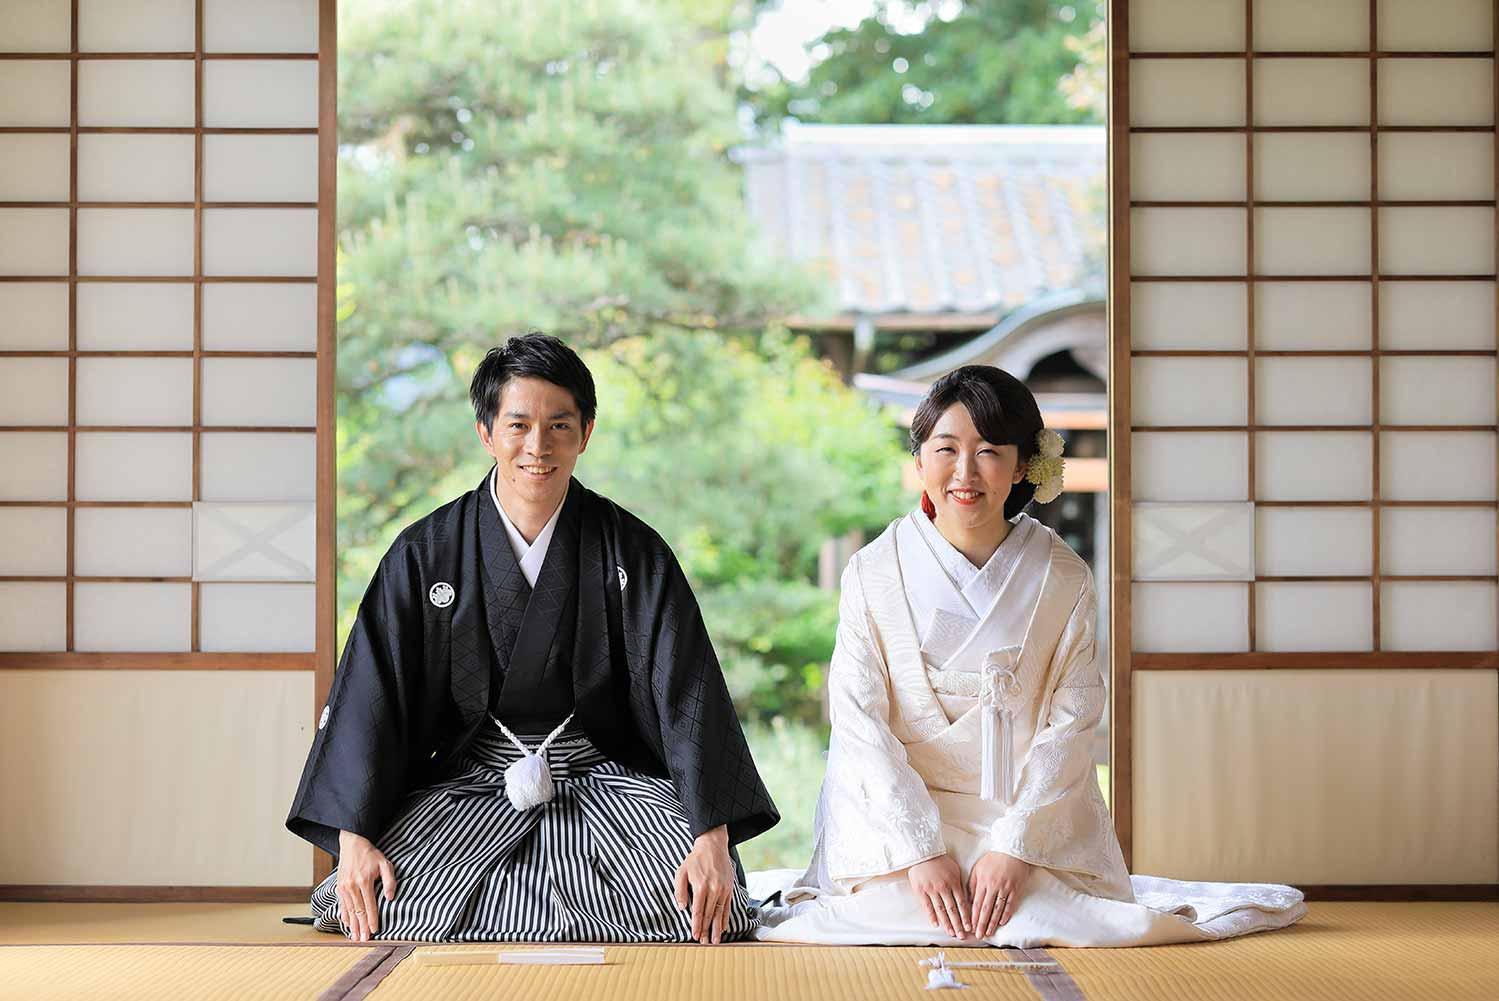 和室の座敷での挨拶状のお写真